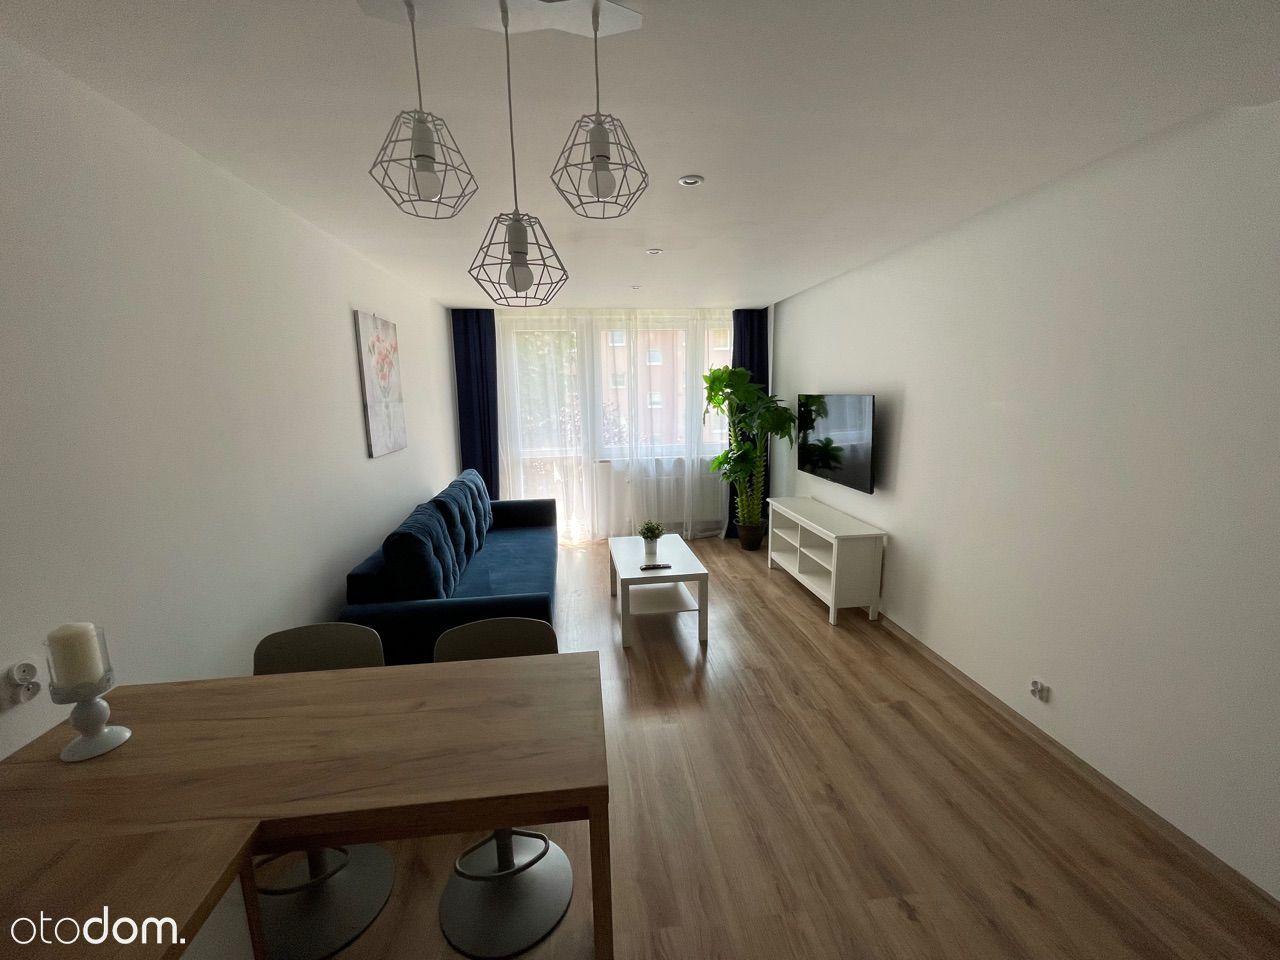 Nowe mieszkanie 36m2 Osiedle na Wzgórzach Kraków